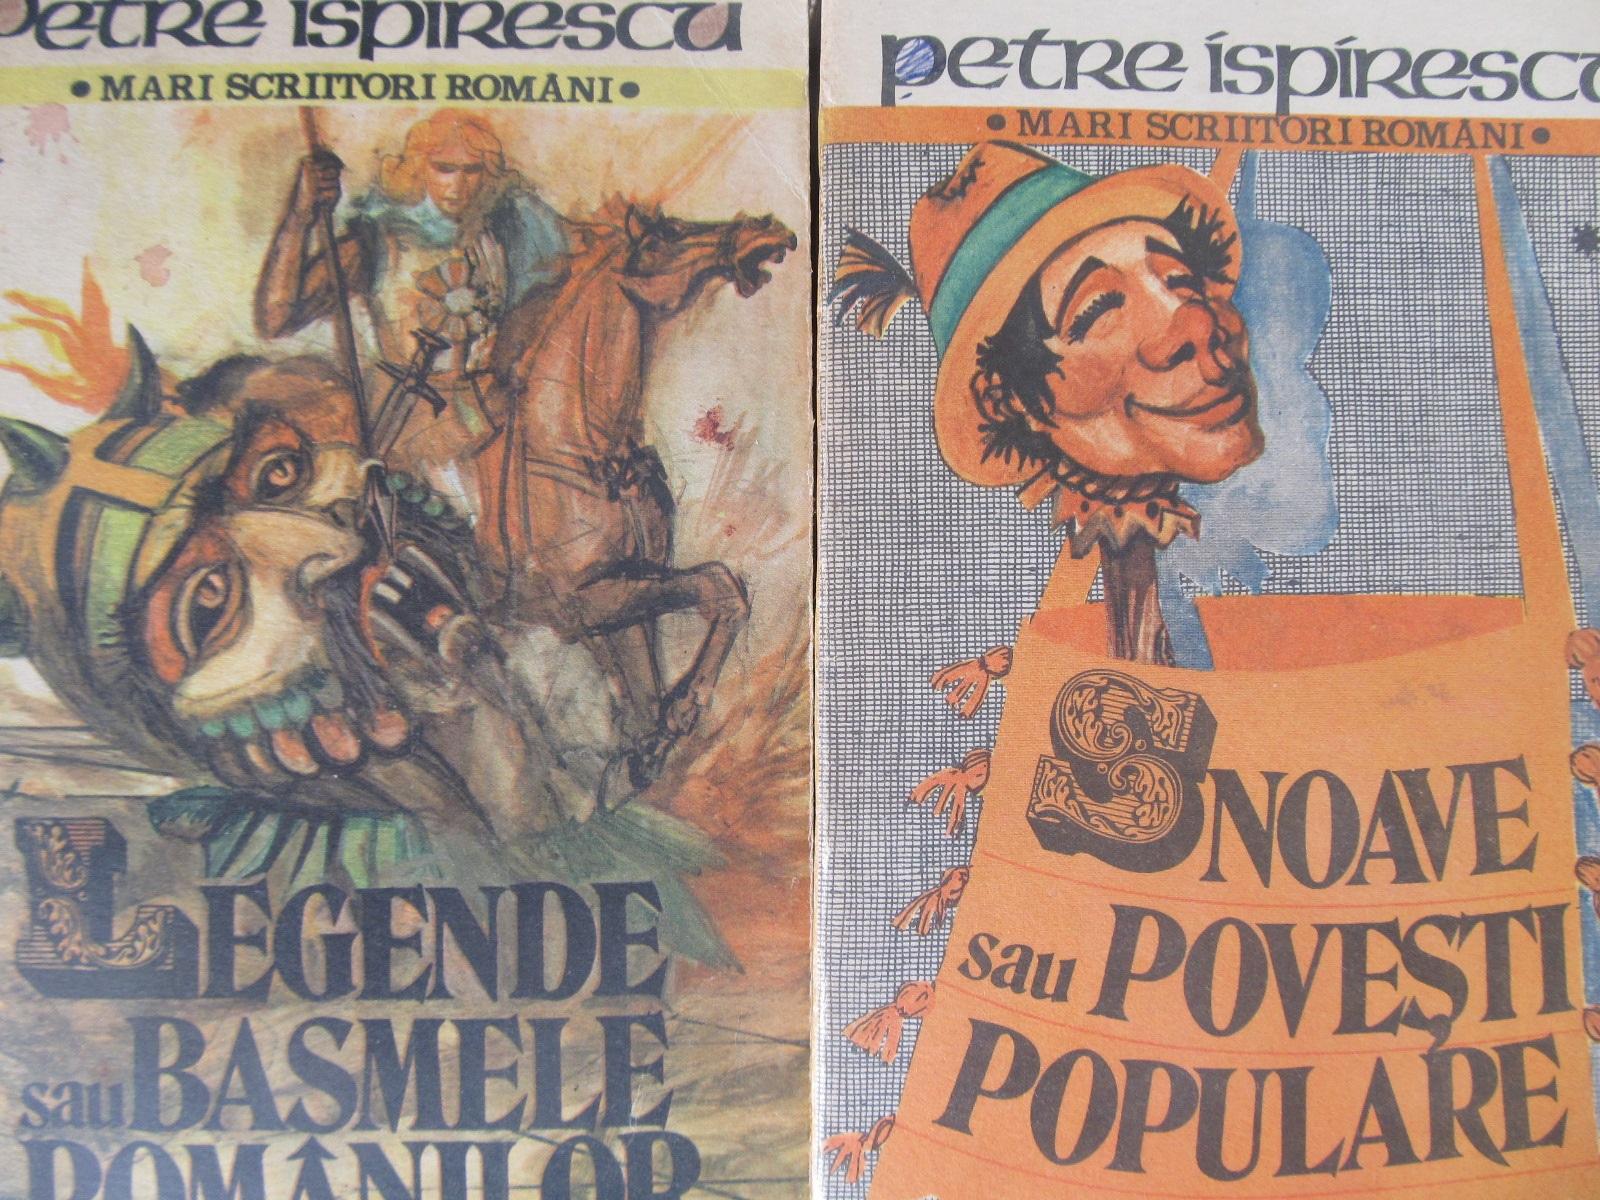 Carte Legendele sau basmele romanilor - Snoave sau povesti populare (2 vol.) - Petre Ispirescu